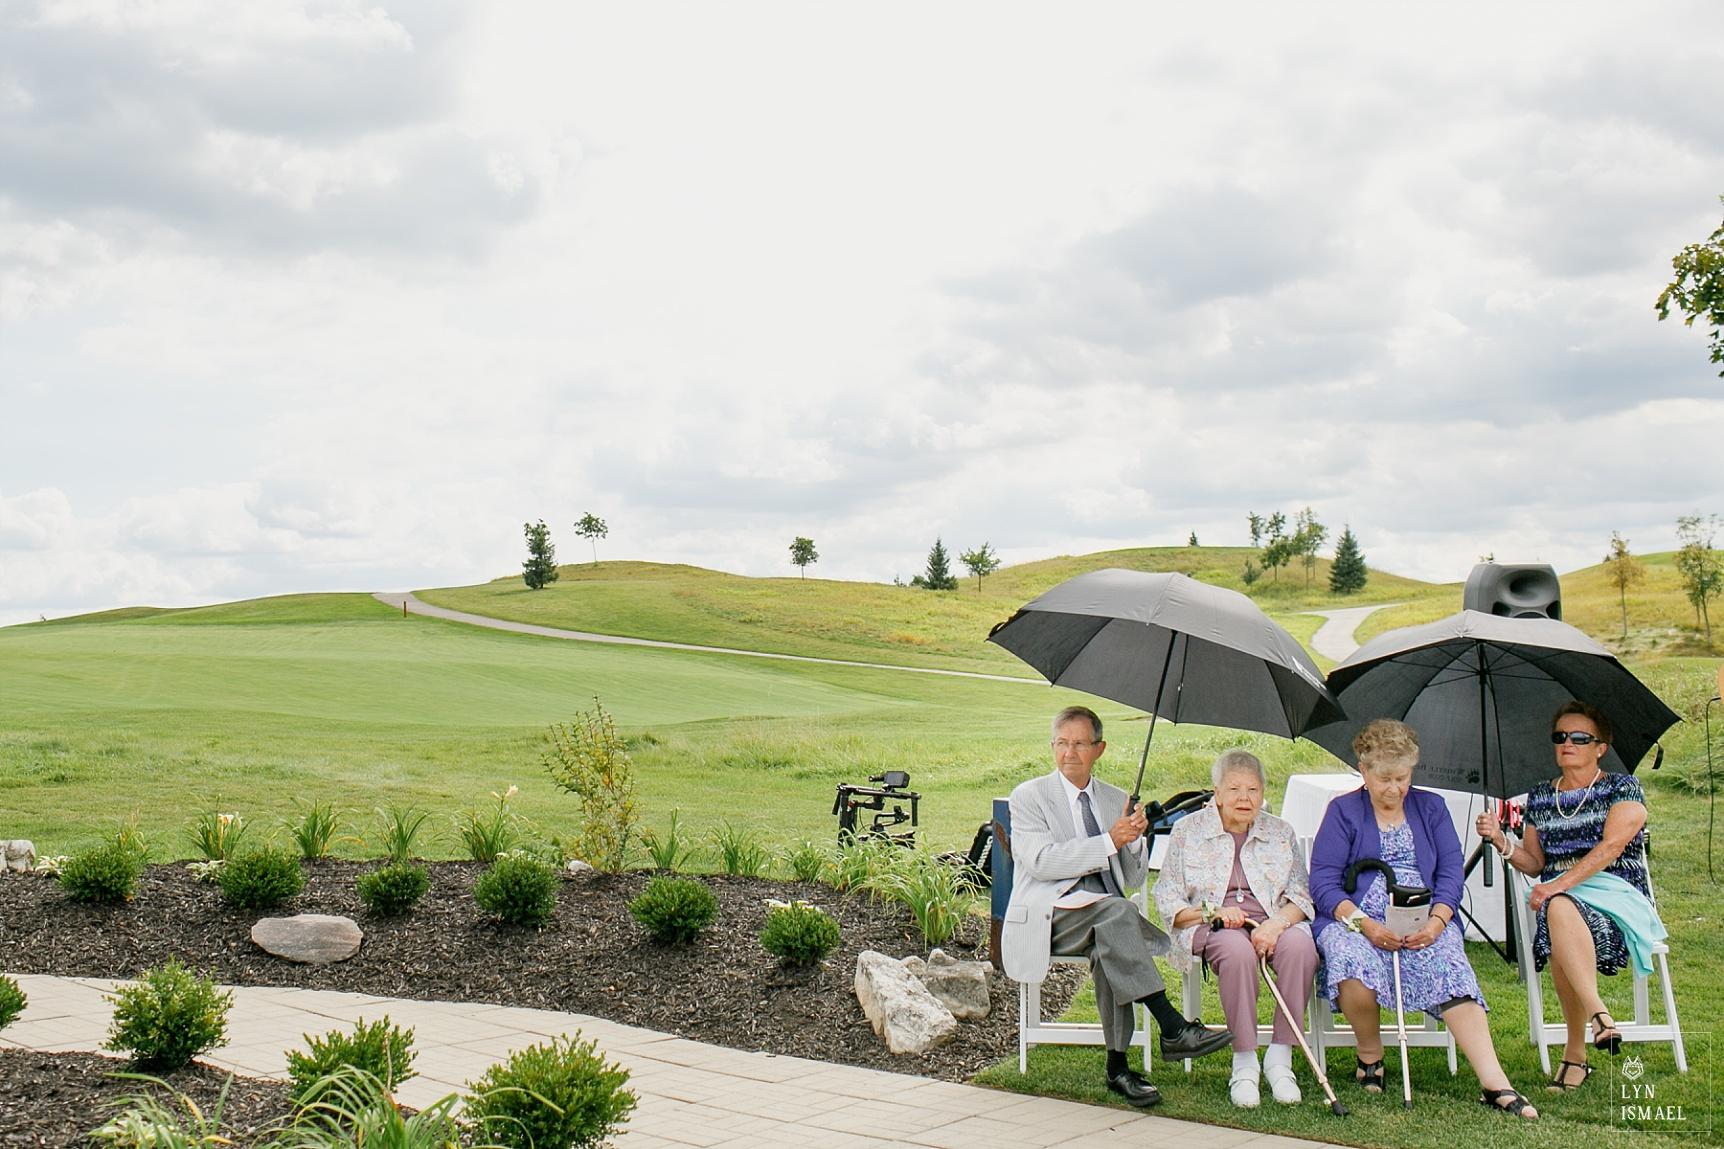 Outdoor Wedding Venue In Waterloo Region